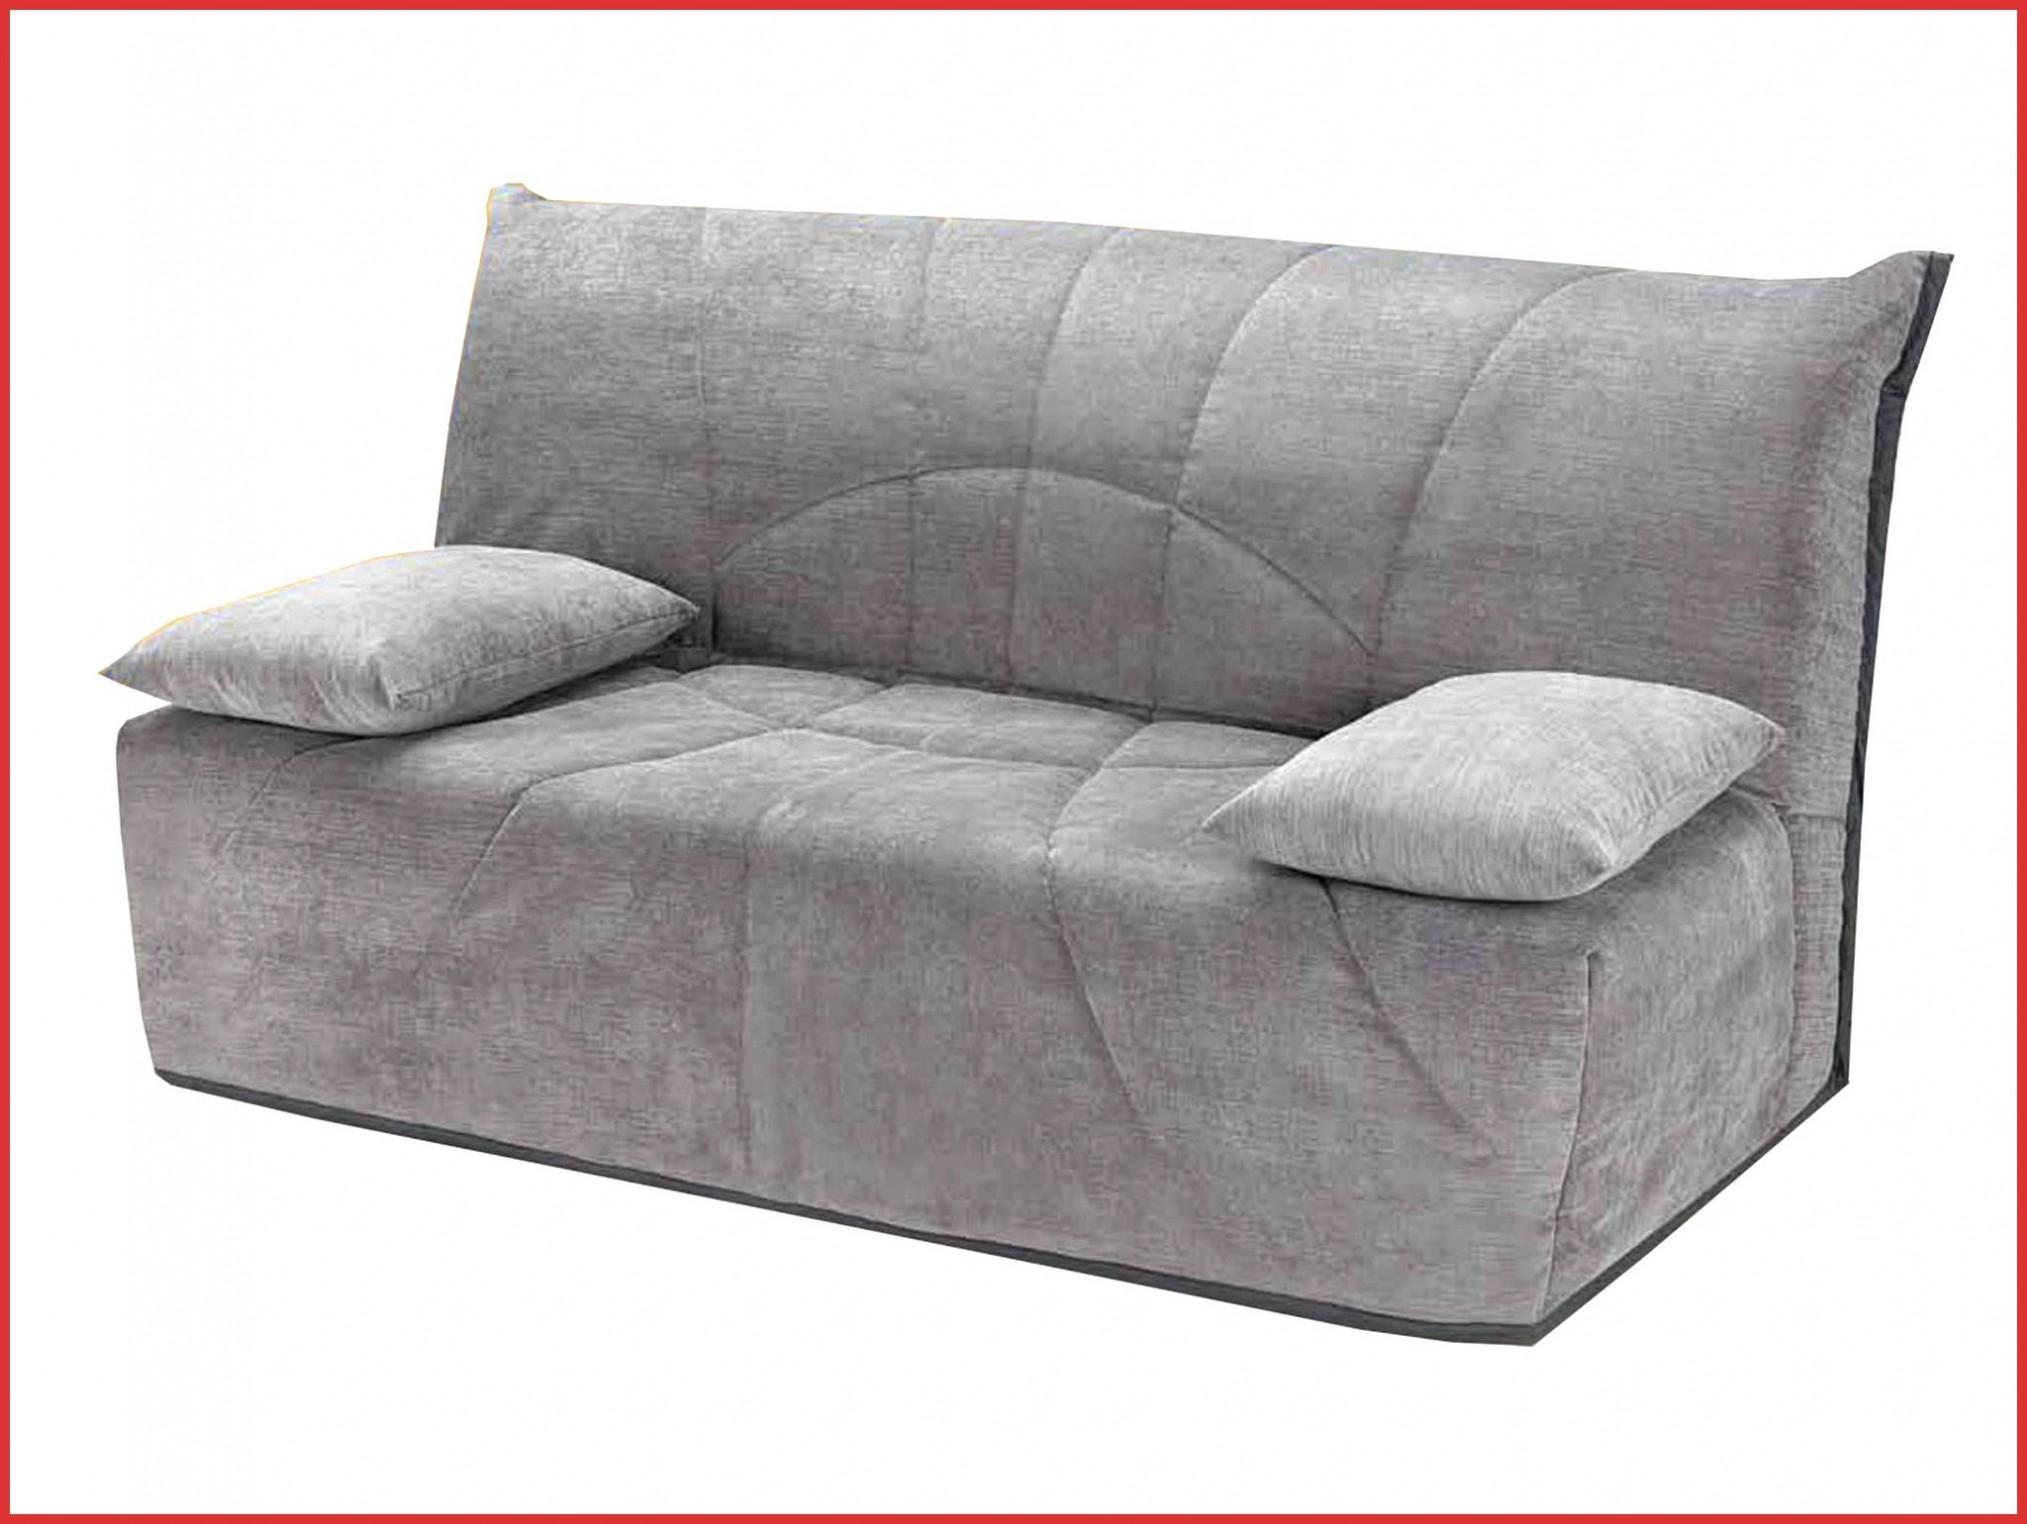 Canapé Convertible Angle Ikea Frais Galerie Lesmeubles Housse De Canapé Bz Lesmeubles